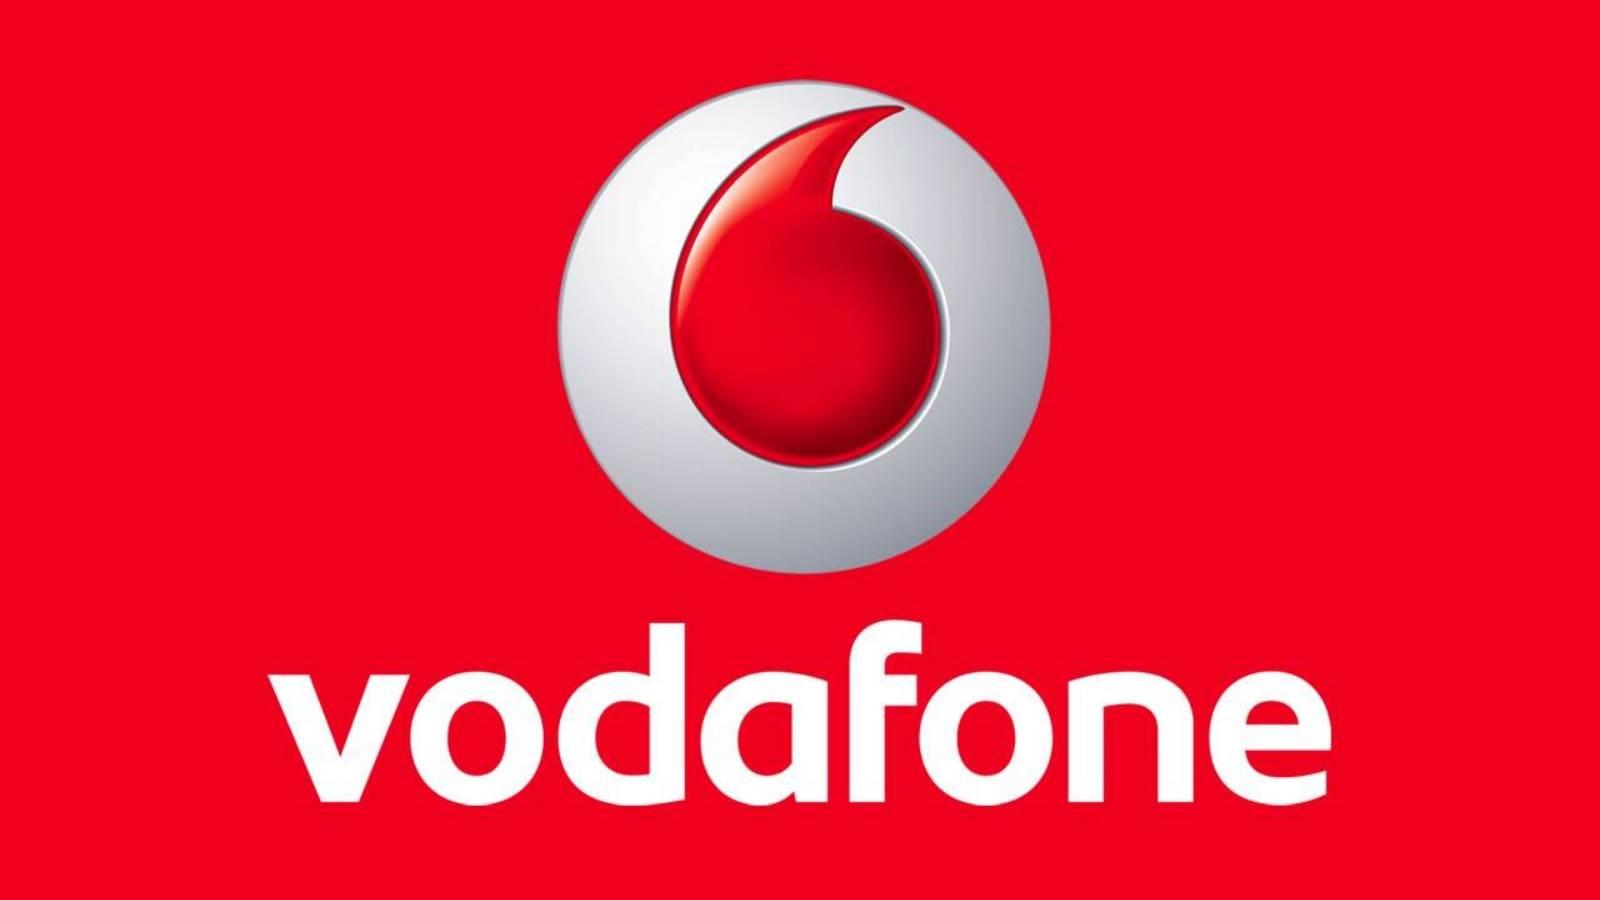 Vodafone carbon